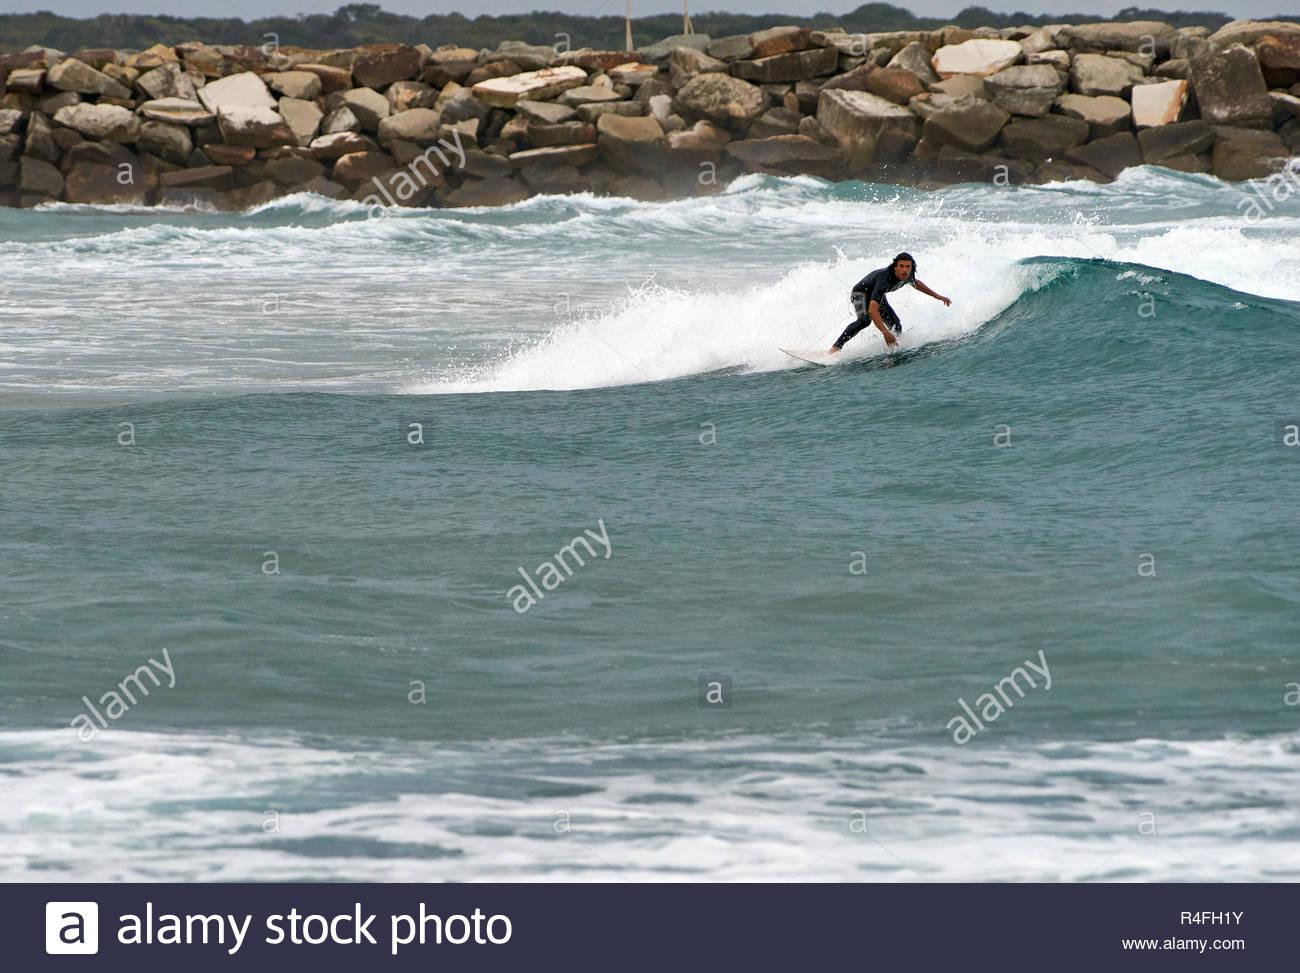 Un wet-adatto giovane maschio surfer preparando per il suo prossimo trucco frontside, navigando in piccola si gonfiano in prossimità di un break-parete; a Yamba, Australia. Immagini Stock